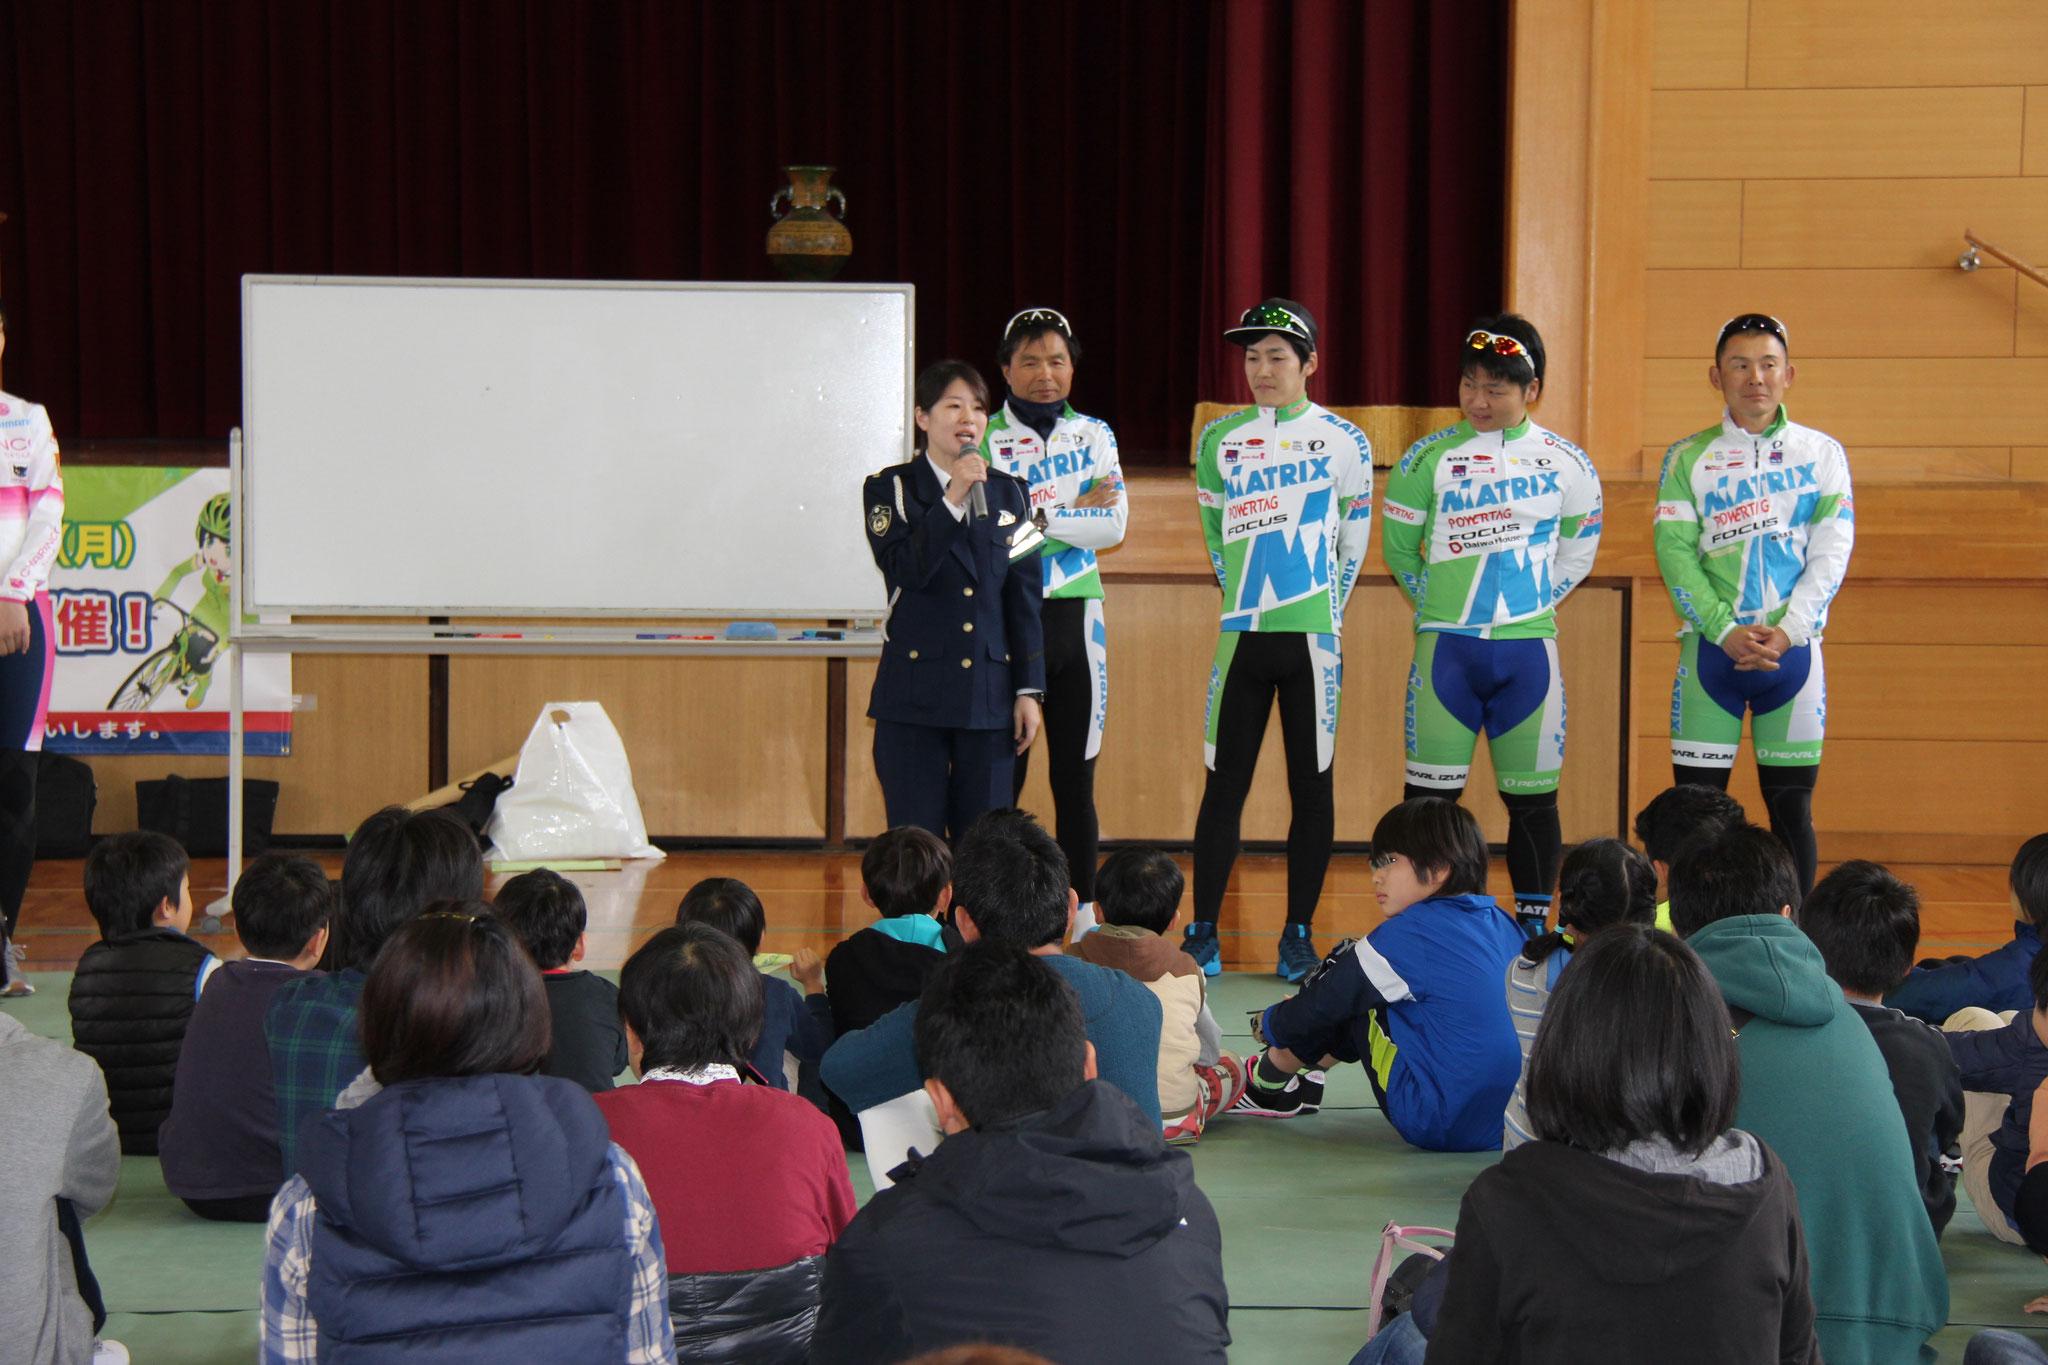 京都府木津警察署 自転車安全教室